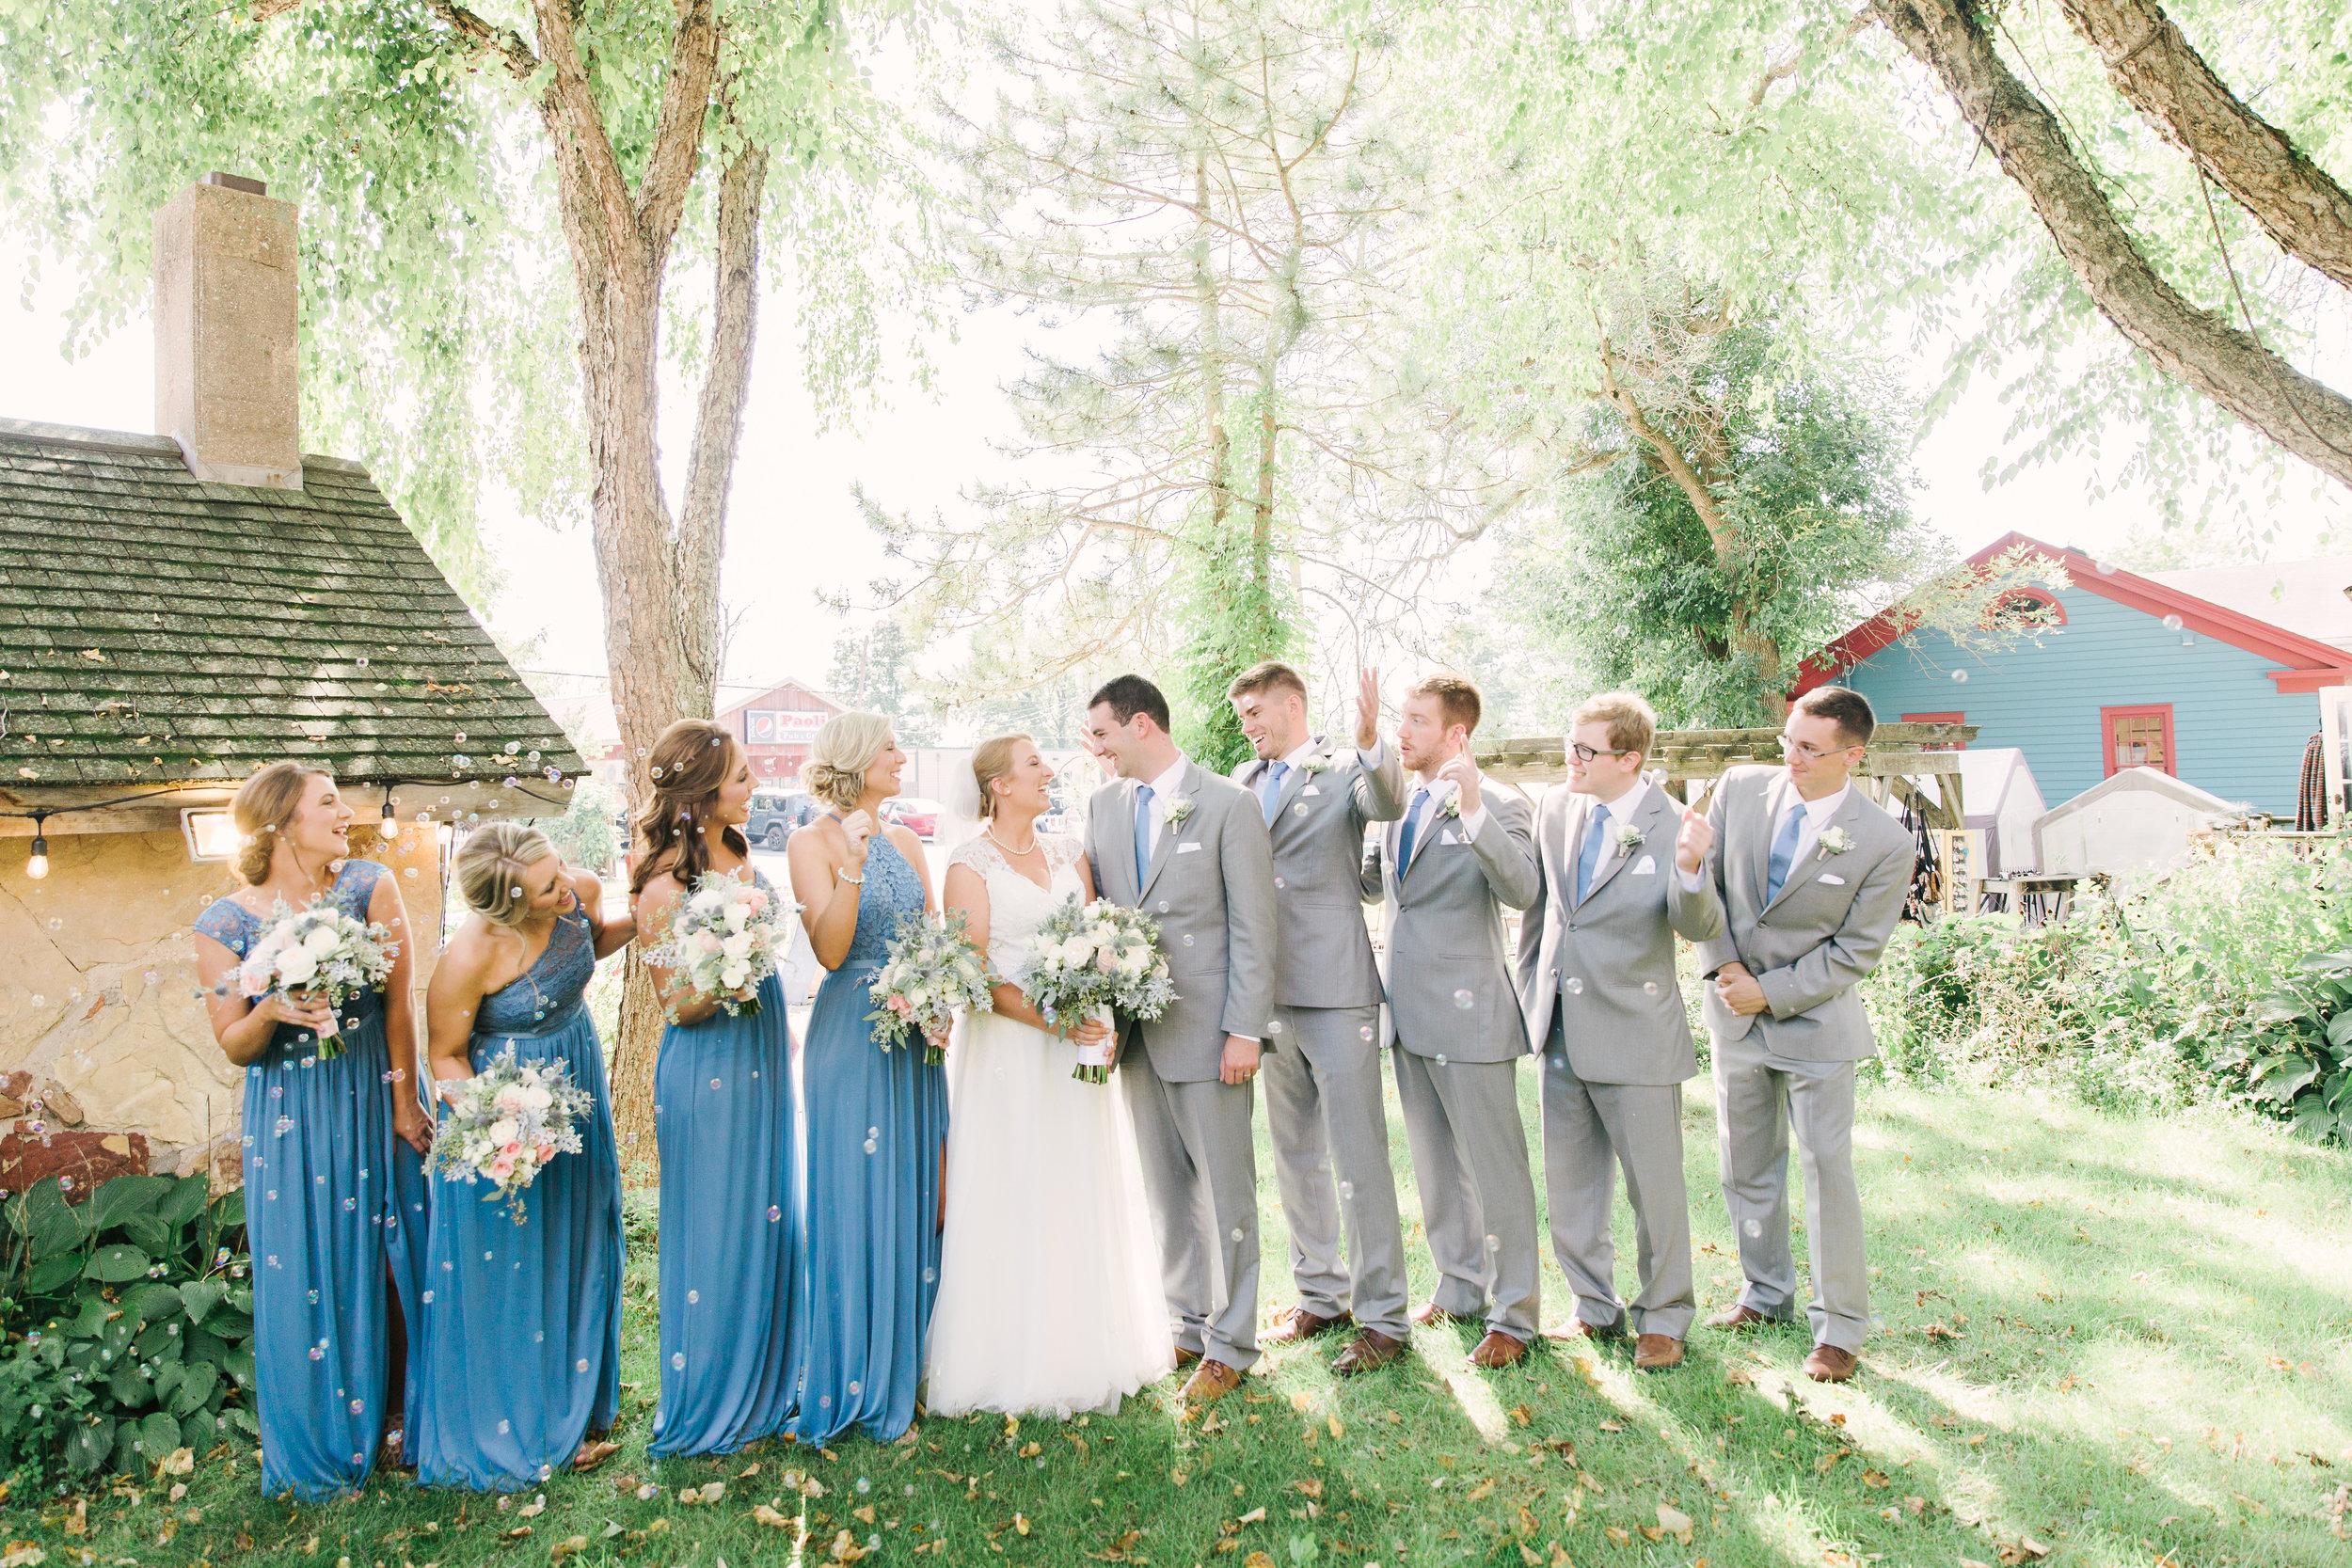 Lowe Getting Bridal Party-16.jpg